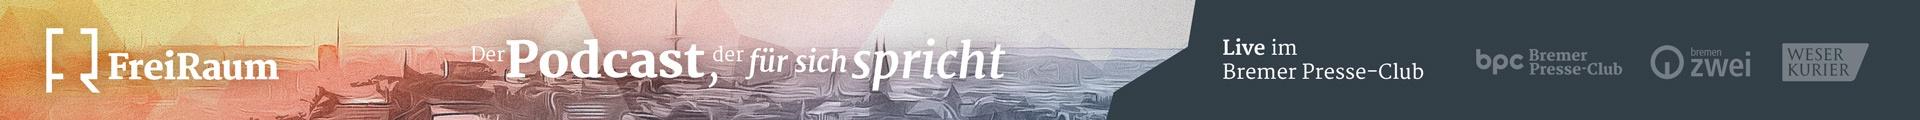 FreiRaum #20: Ralph Caspers und Christoph Biemann